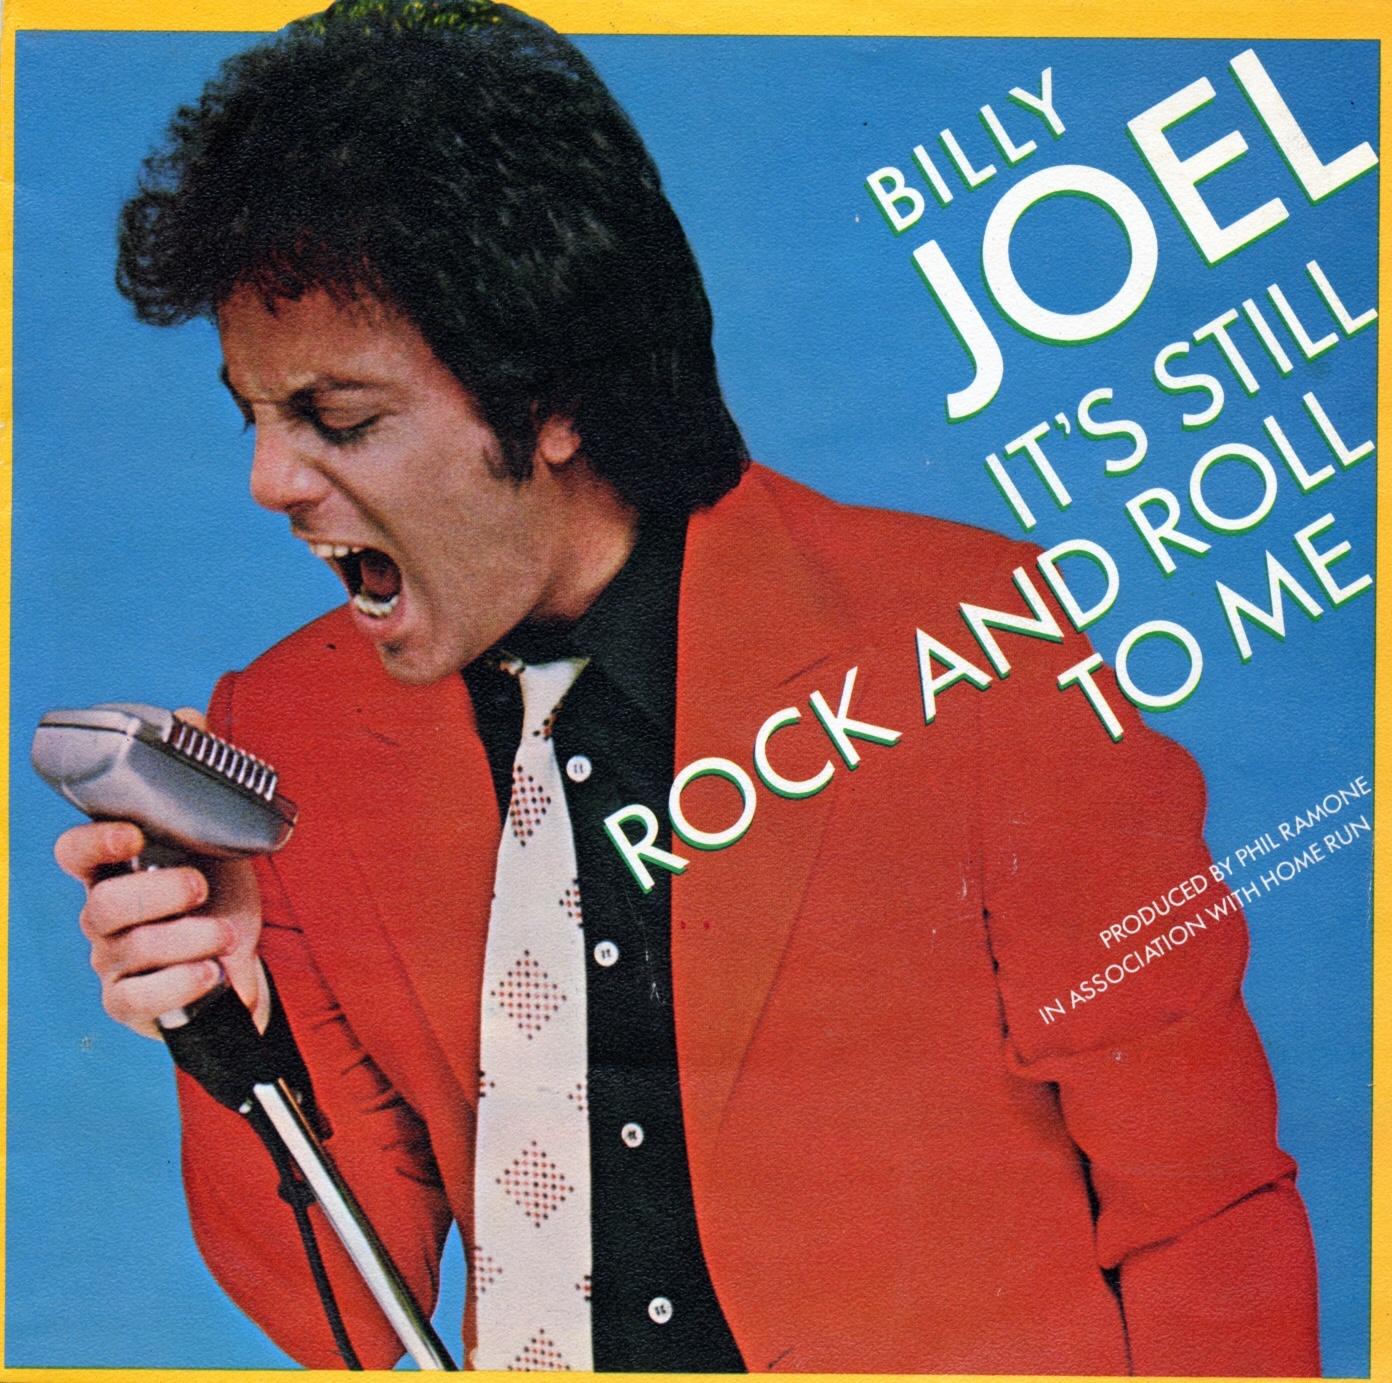 It's still Rock and Roll to me (Foto: Billy Joel)